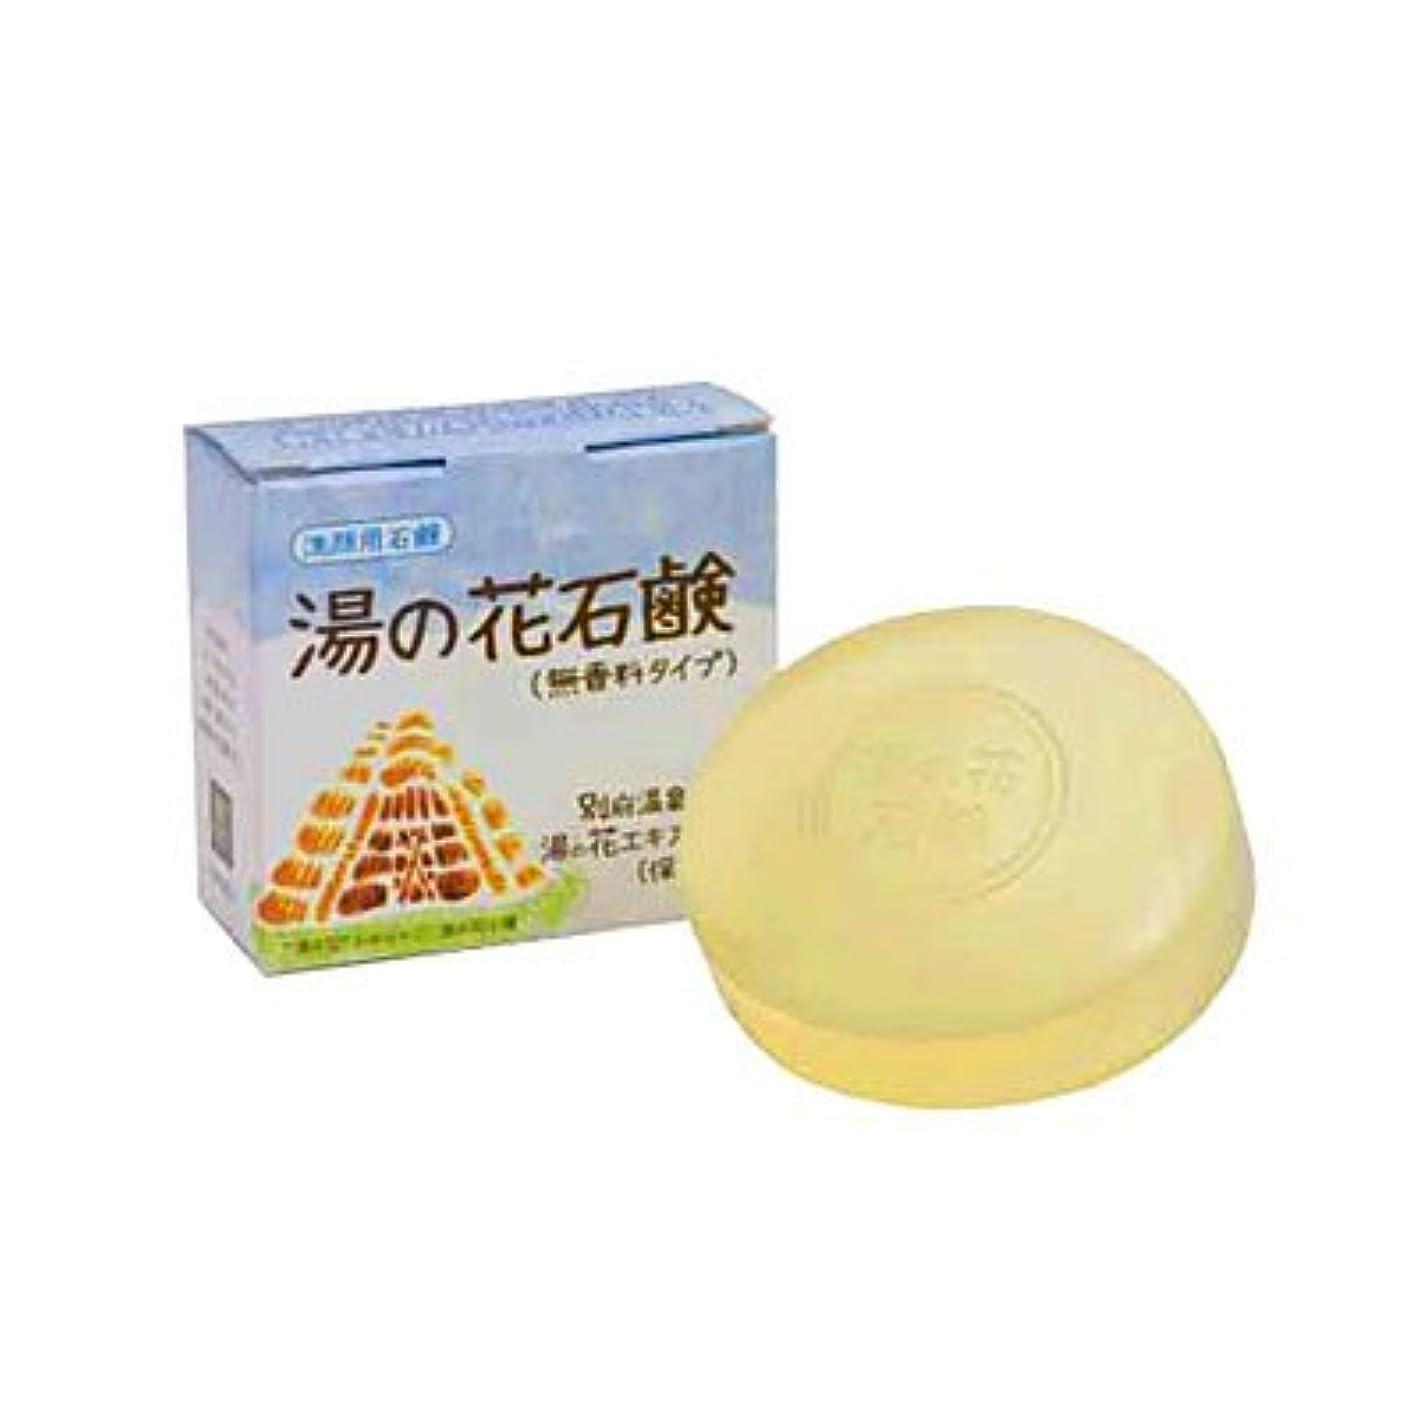 損なう禁止する崩壊薬用 湯の花石鹸 ビーナス1 80g